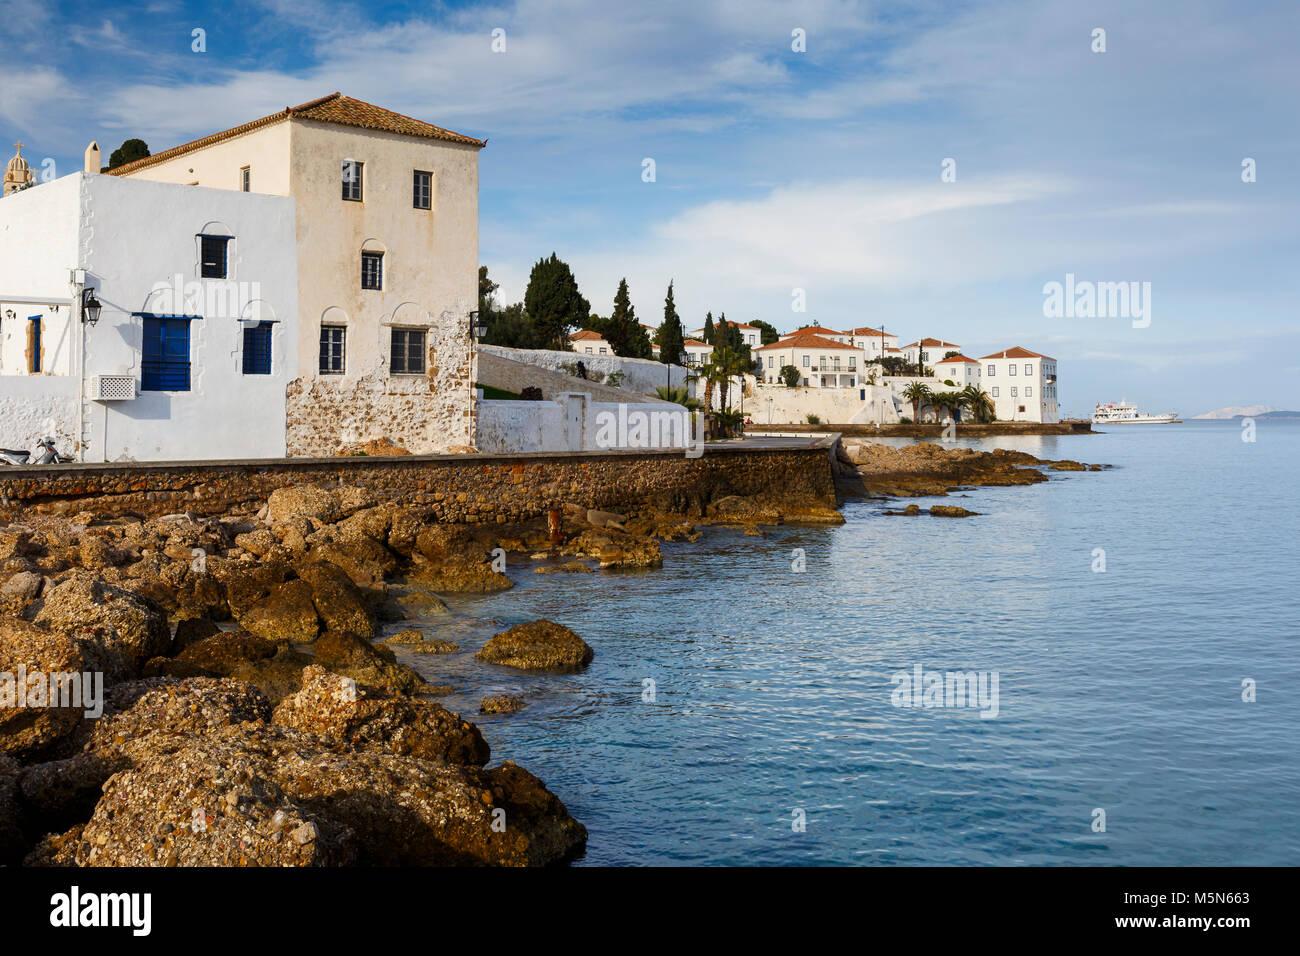 Architettura tradizionale in Spetses lungomare, Grecia. Immagini Stock